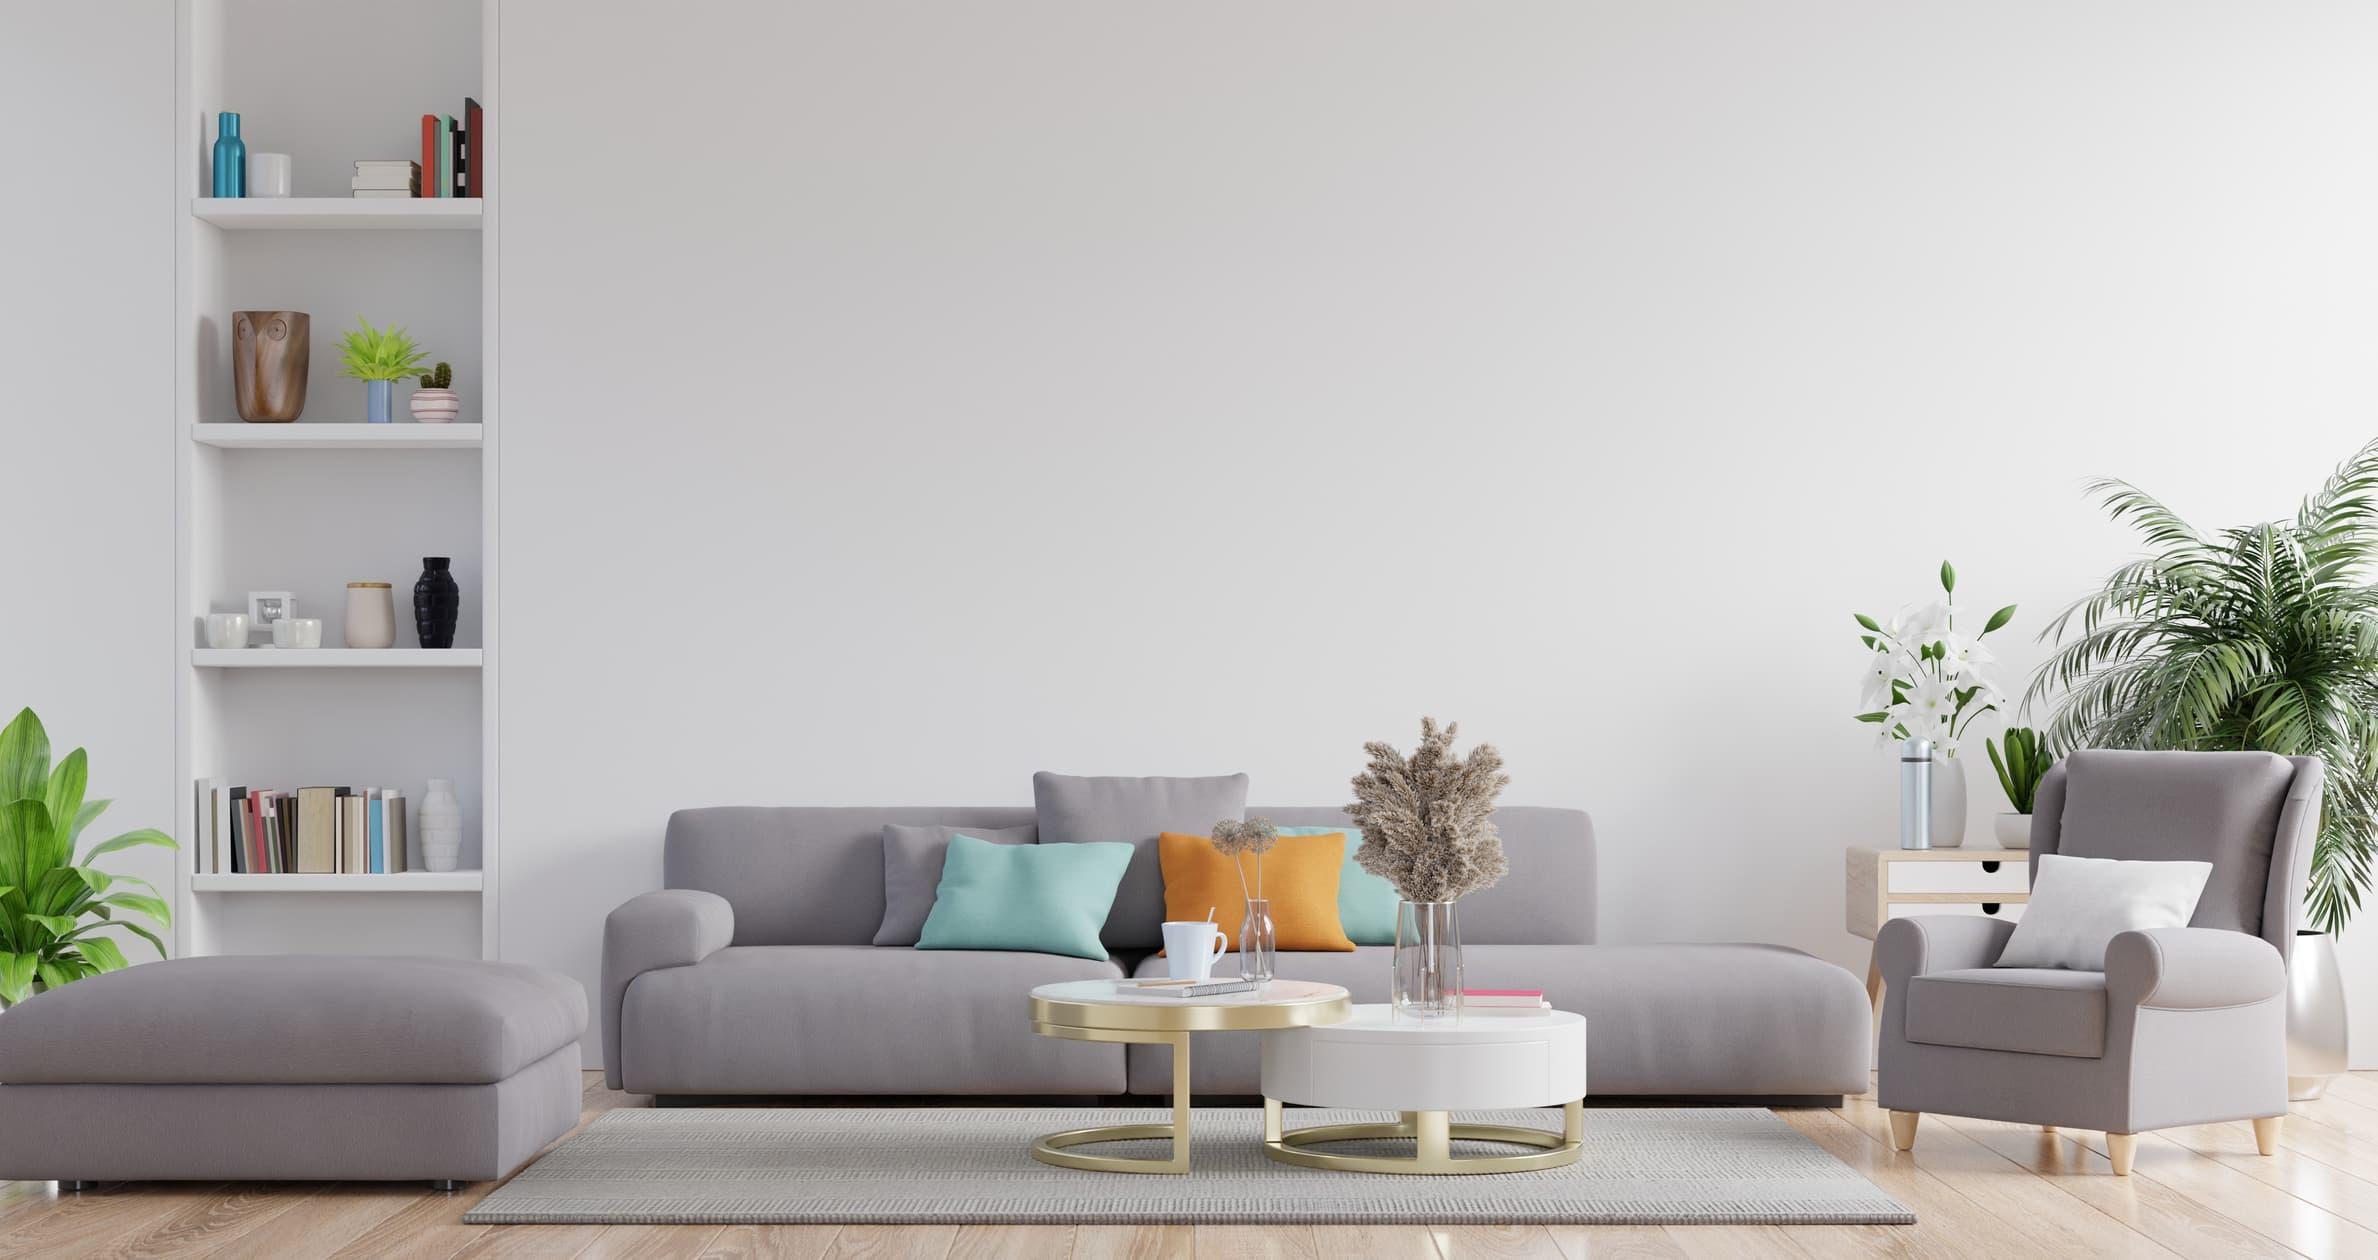 salon-estilo-minimalista